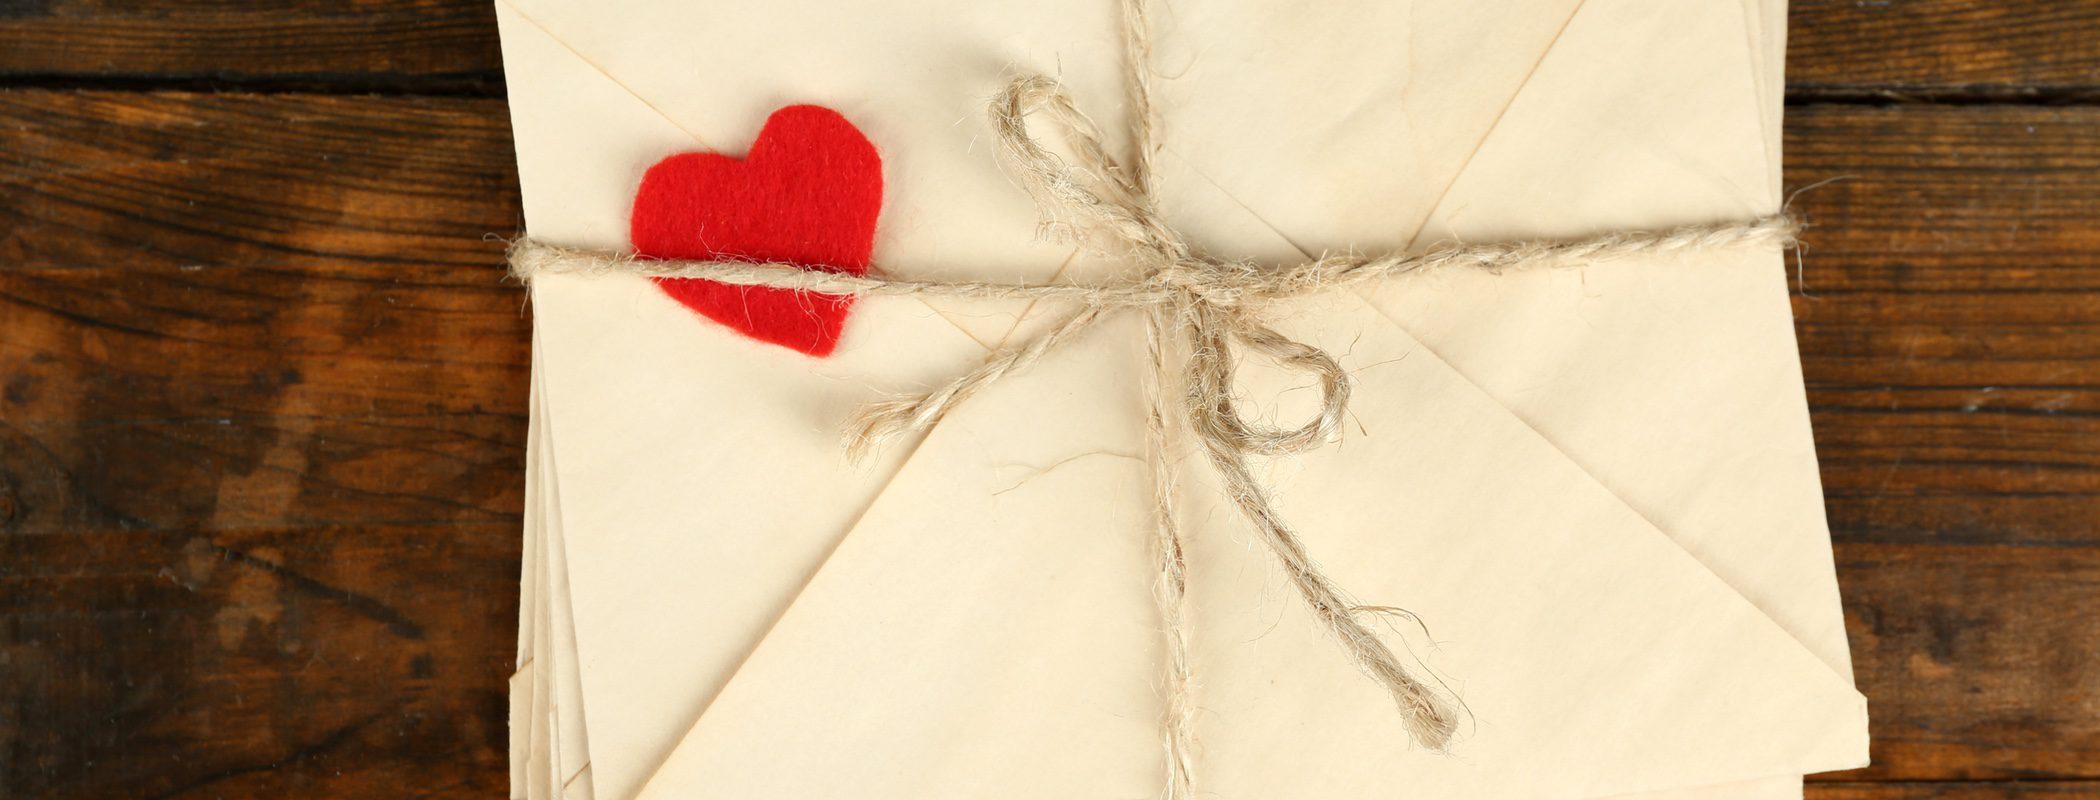 Cartas de amor para tus vacaciones de verano